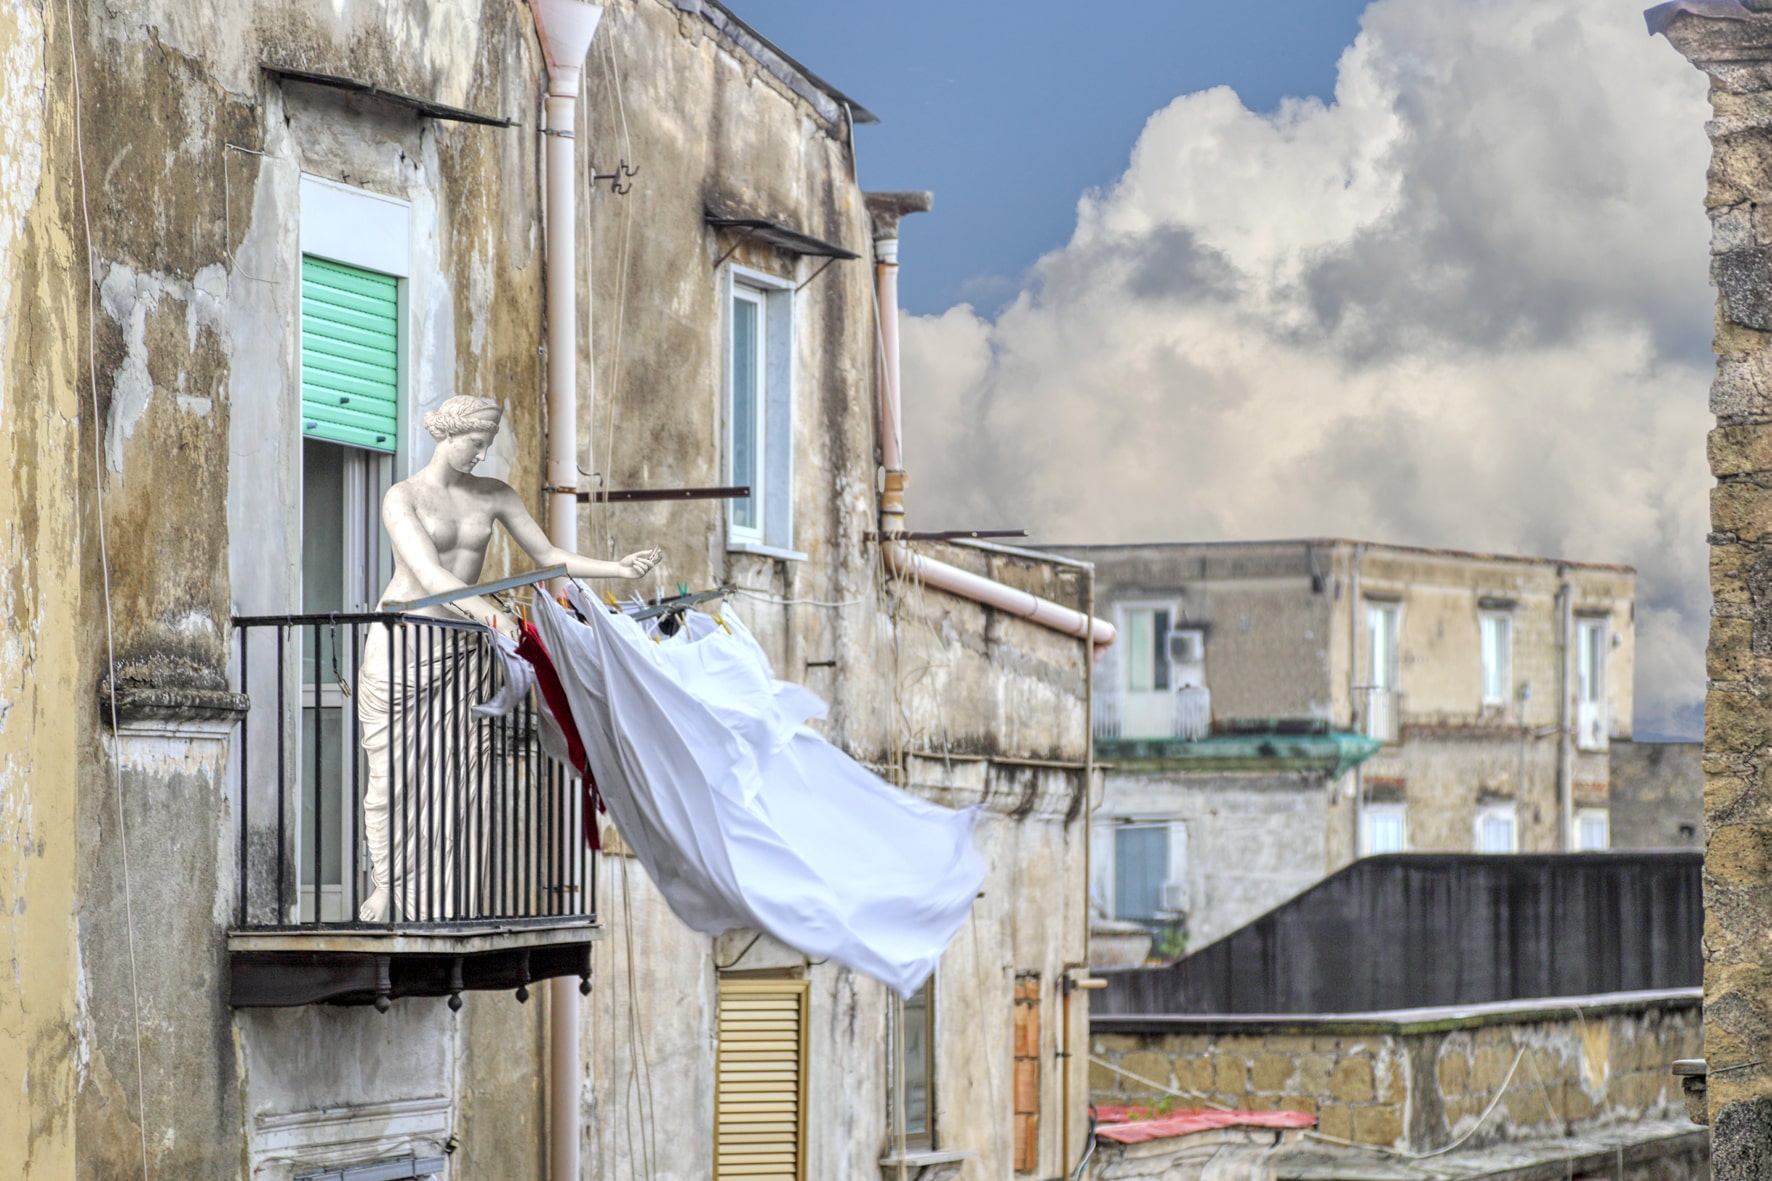 Le statue in 'fuga dal museo' s'impadroniscono di Napoli. Al MANN la nuova mostra di Assisi e Cipolla